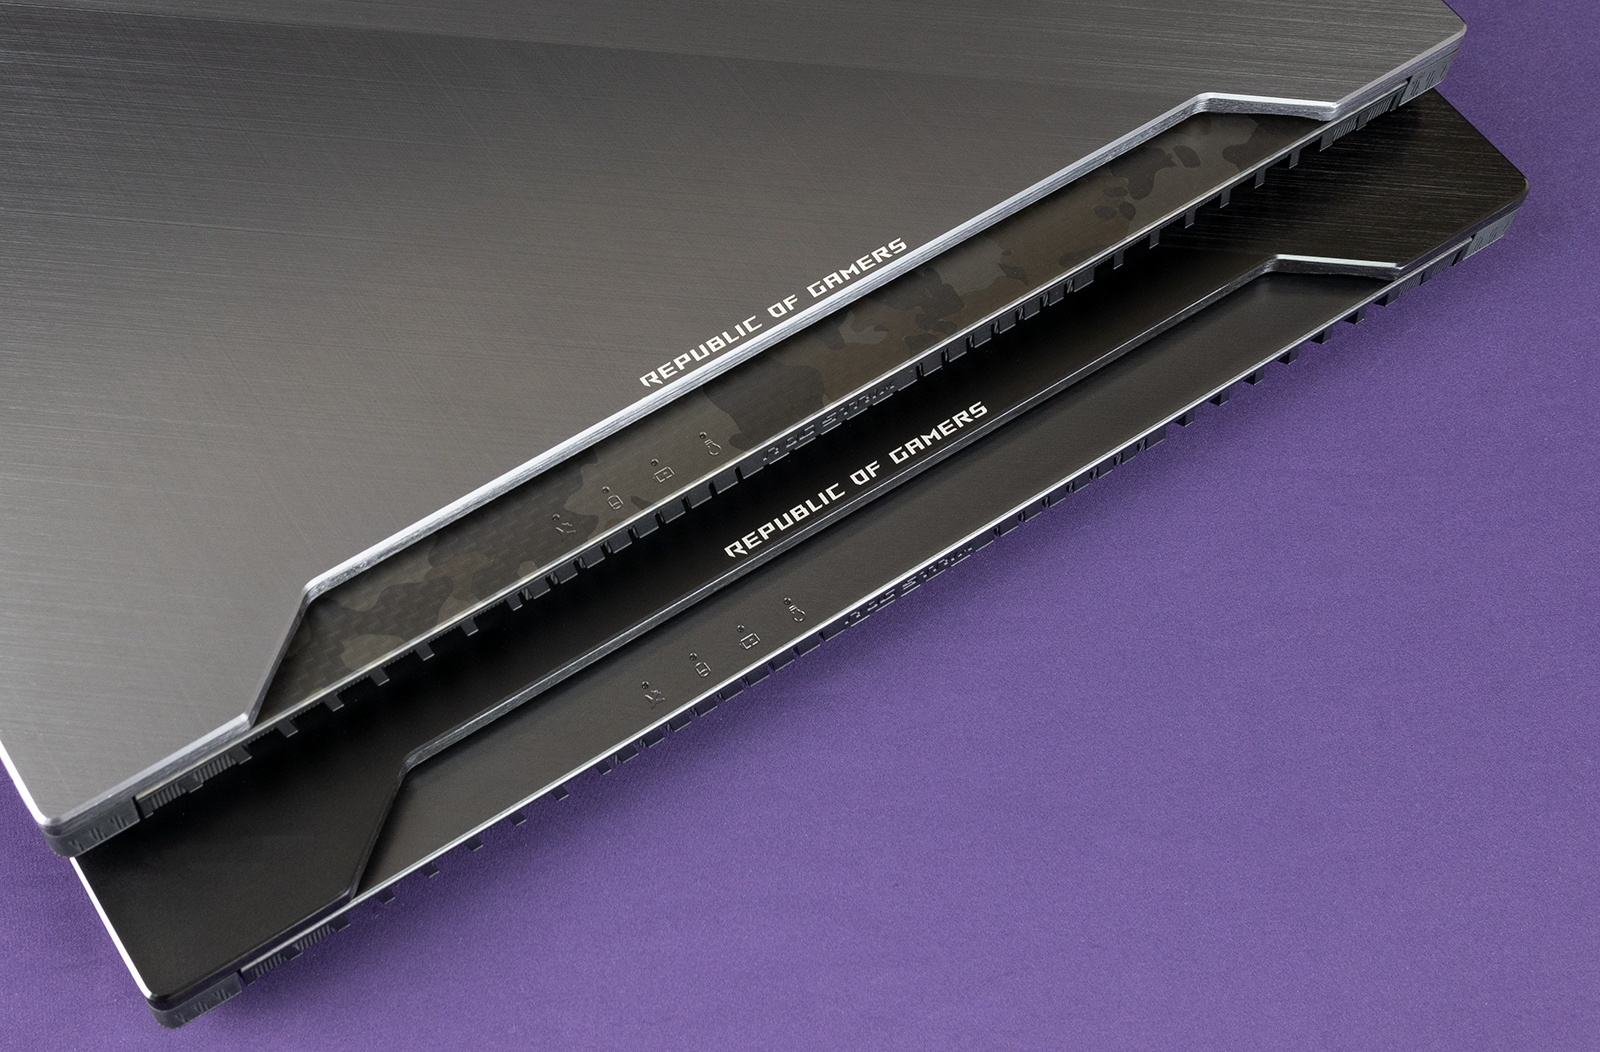 Обзор игровых ноутбуков ASUS ROG Strix GL504GS SCAR II и ASUS ROG Strix GL504GM HERO II - 6